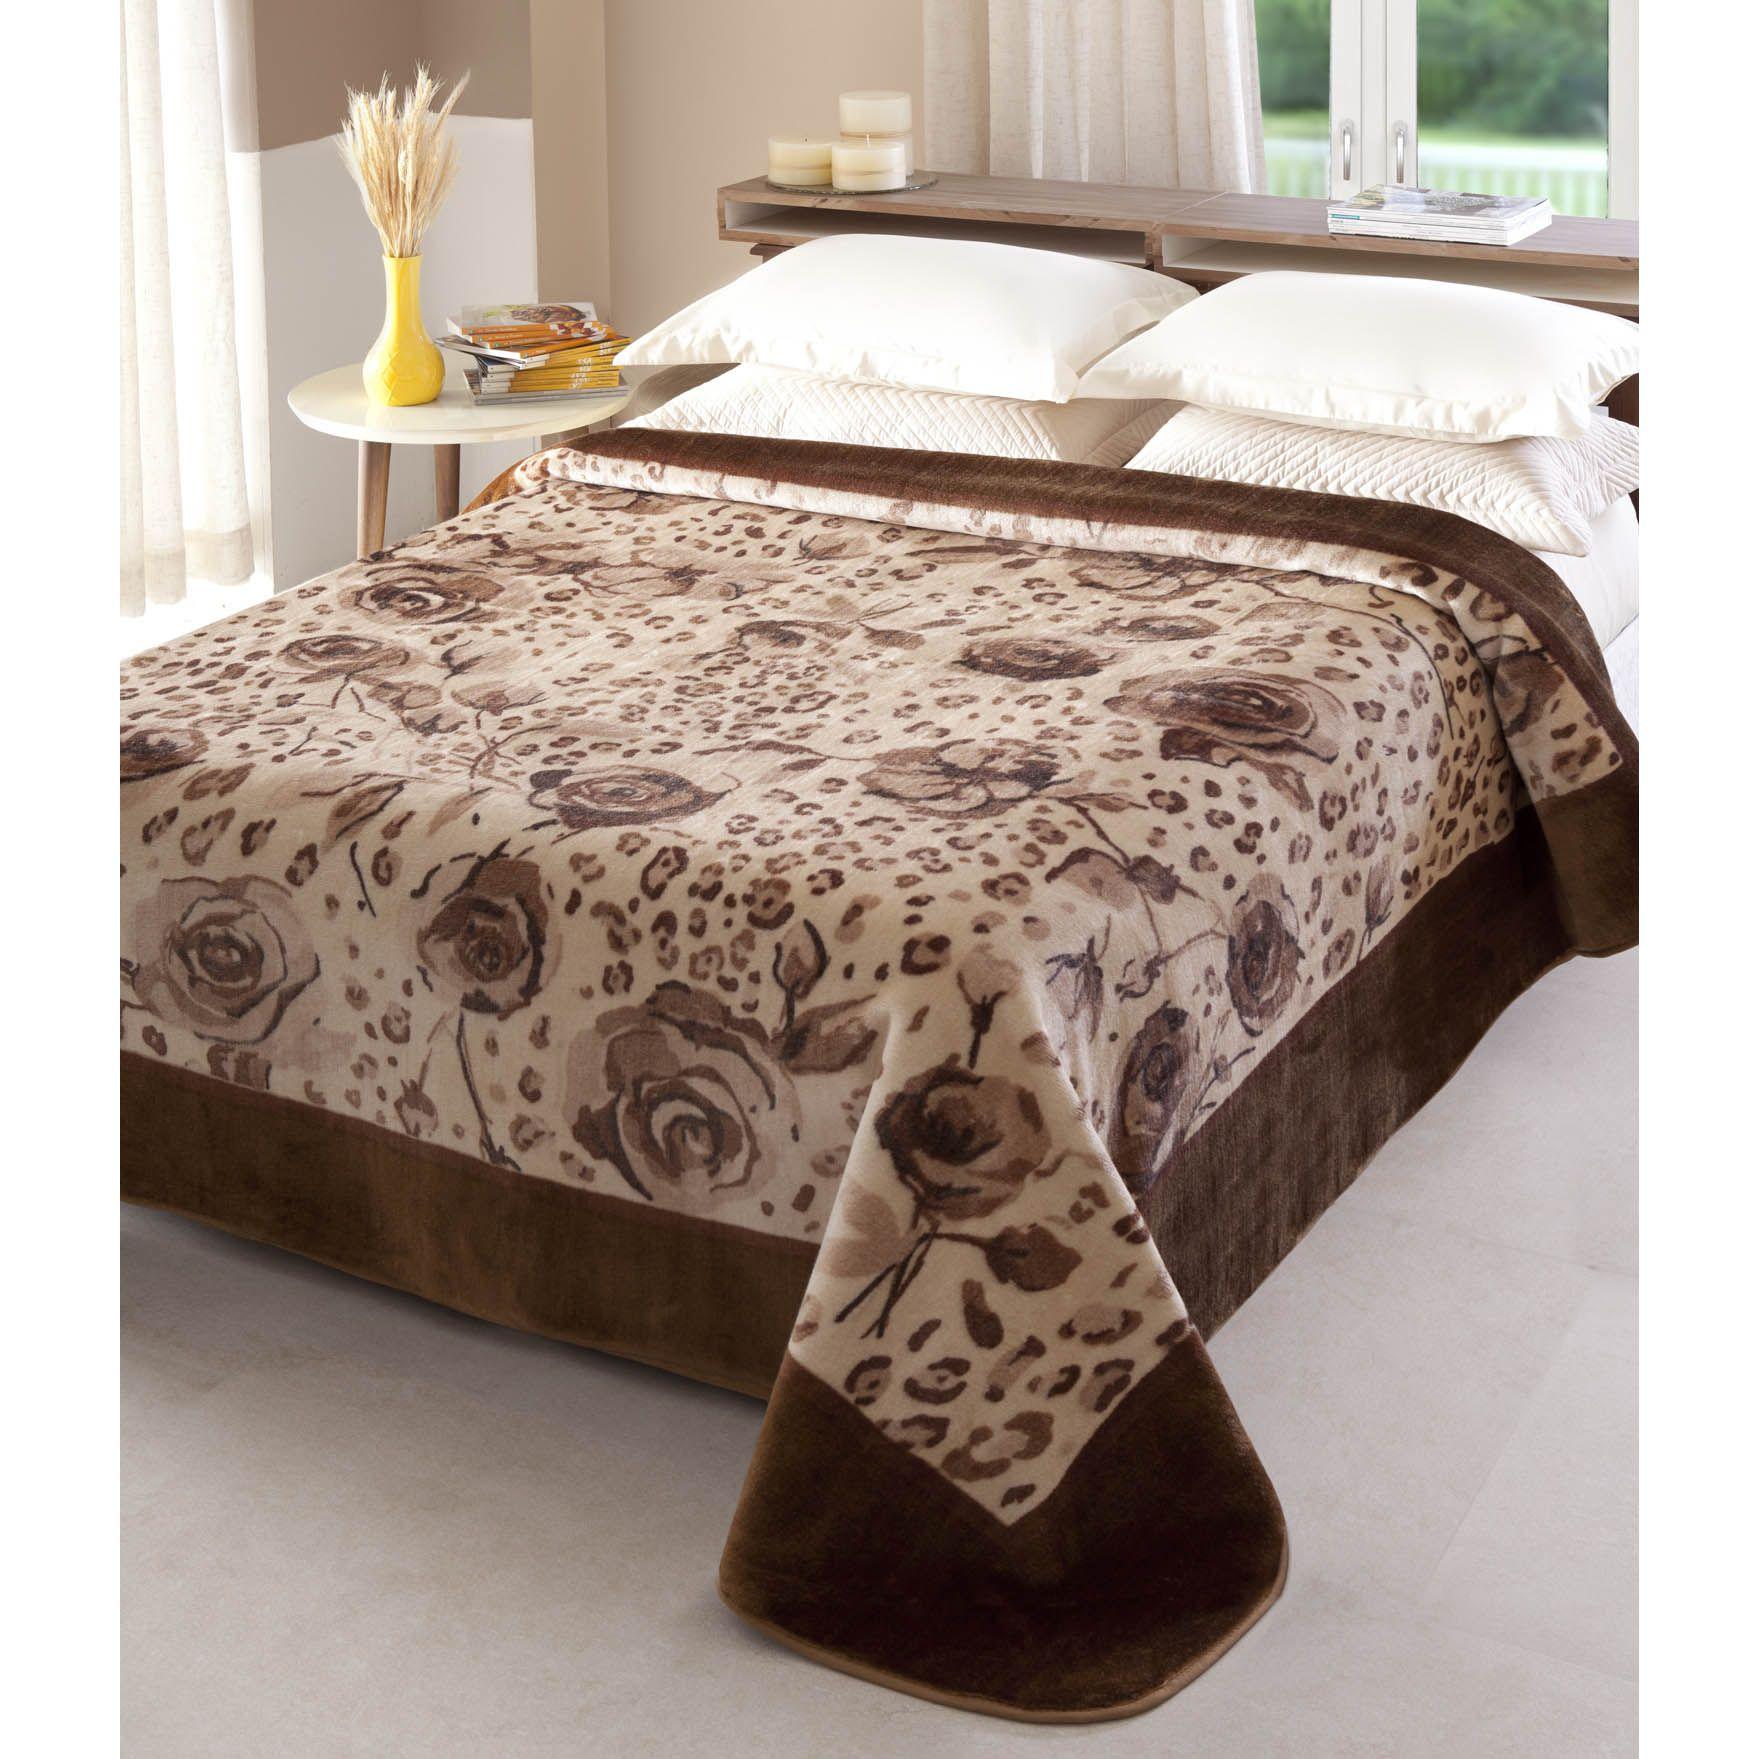 Cobertor Não Alérgico Jolitex Raschel Java Casal 1,80 m x 2,20 m